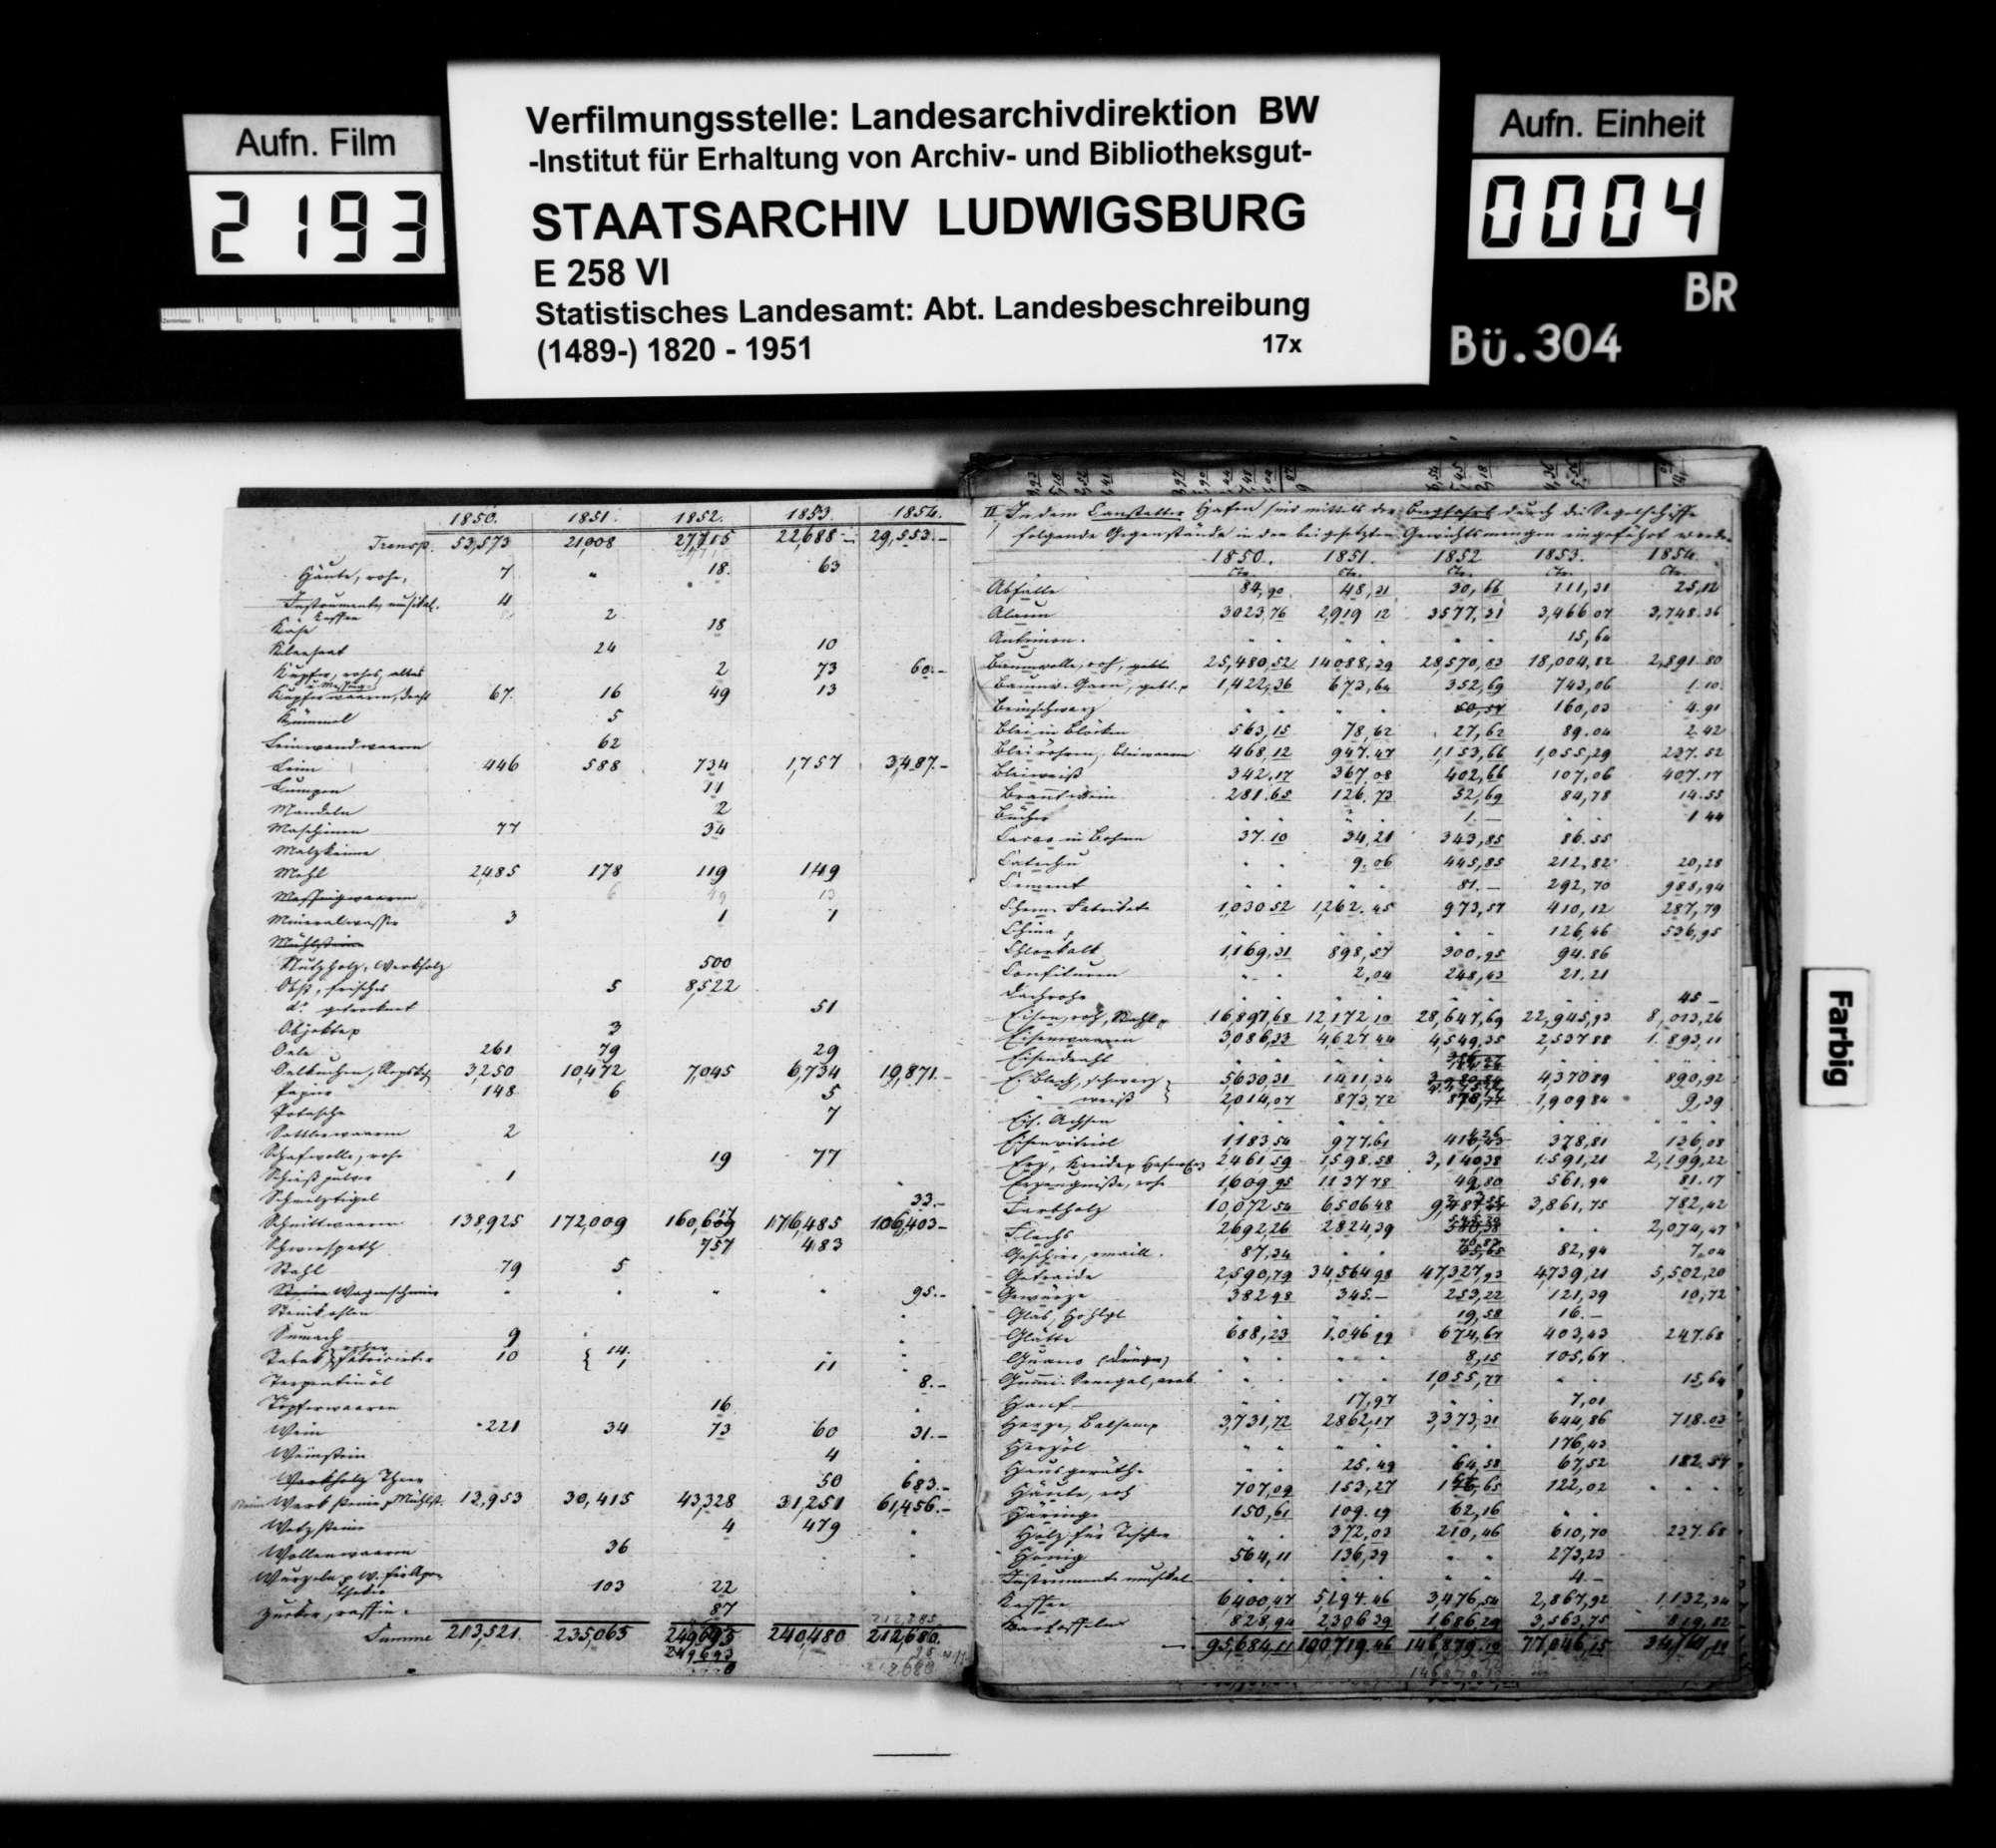 Tabellen und Notizen [des Trigonometers Diezel in der Kanzlei des STBs] zur Schiffahrt auf dem Neckar, auch Bodensee und der Donau, 1838-1854, Bild 3